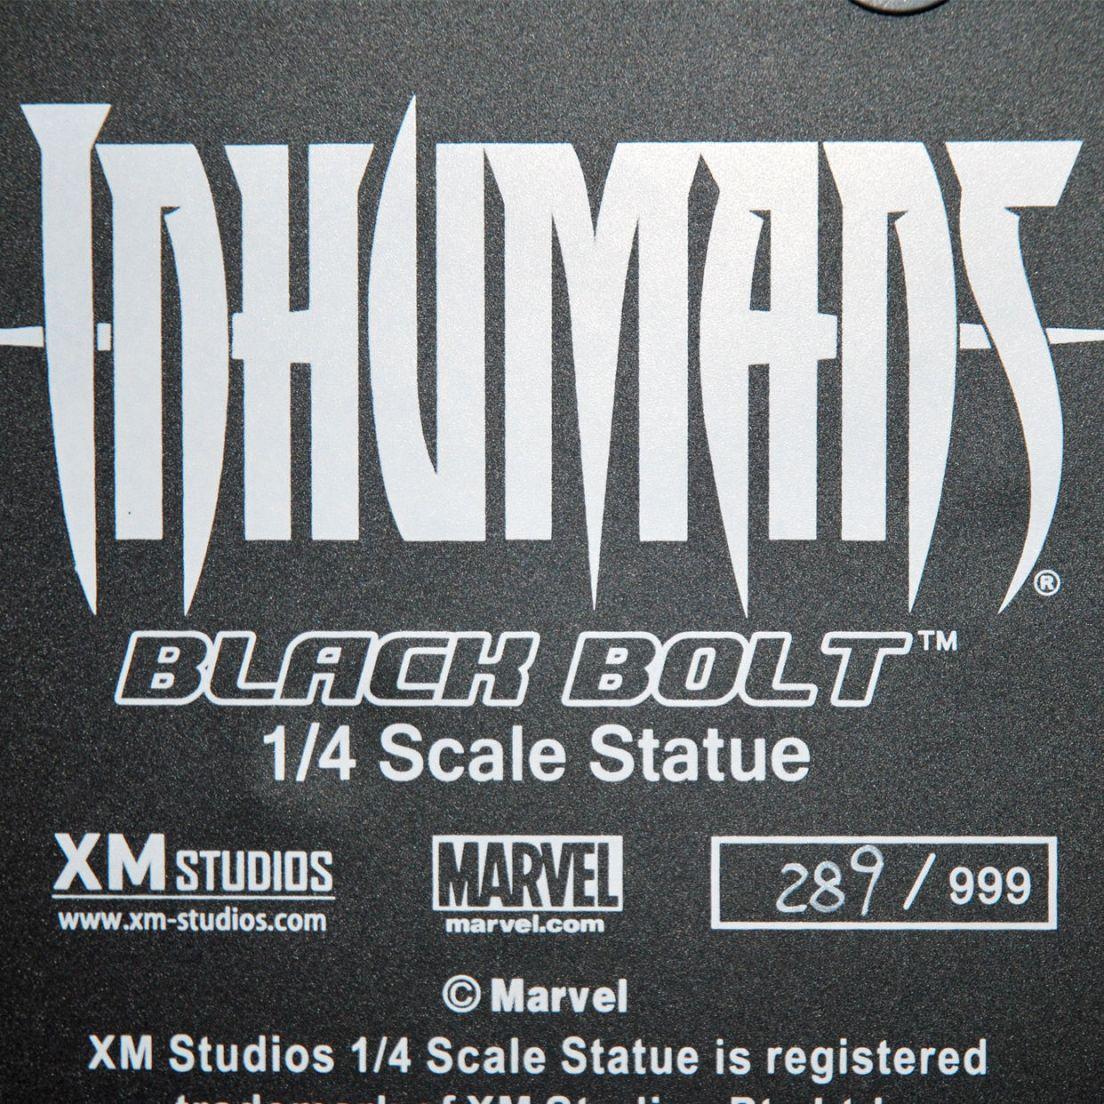 XM-Studios-BLACK-BOLT-1-4-Scale-Statue-289-999-_57 (5)